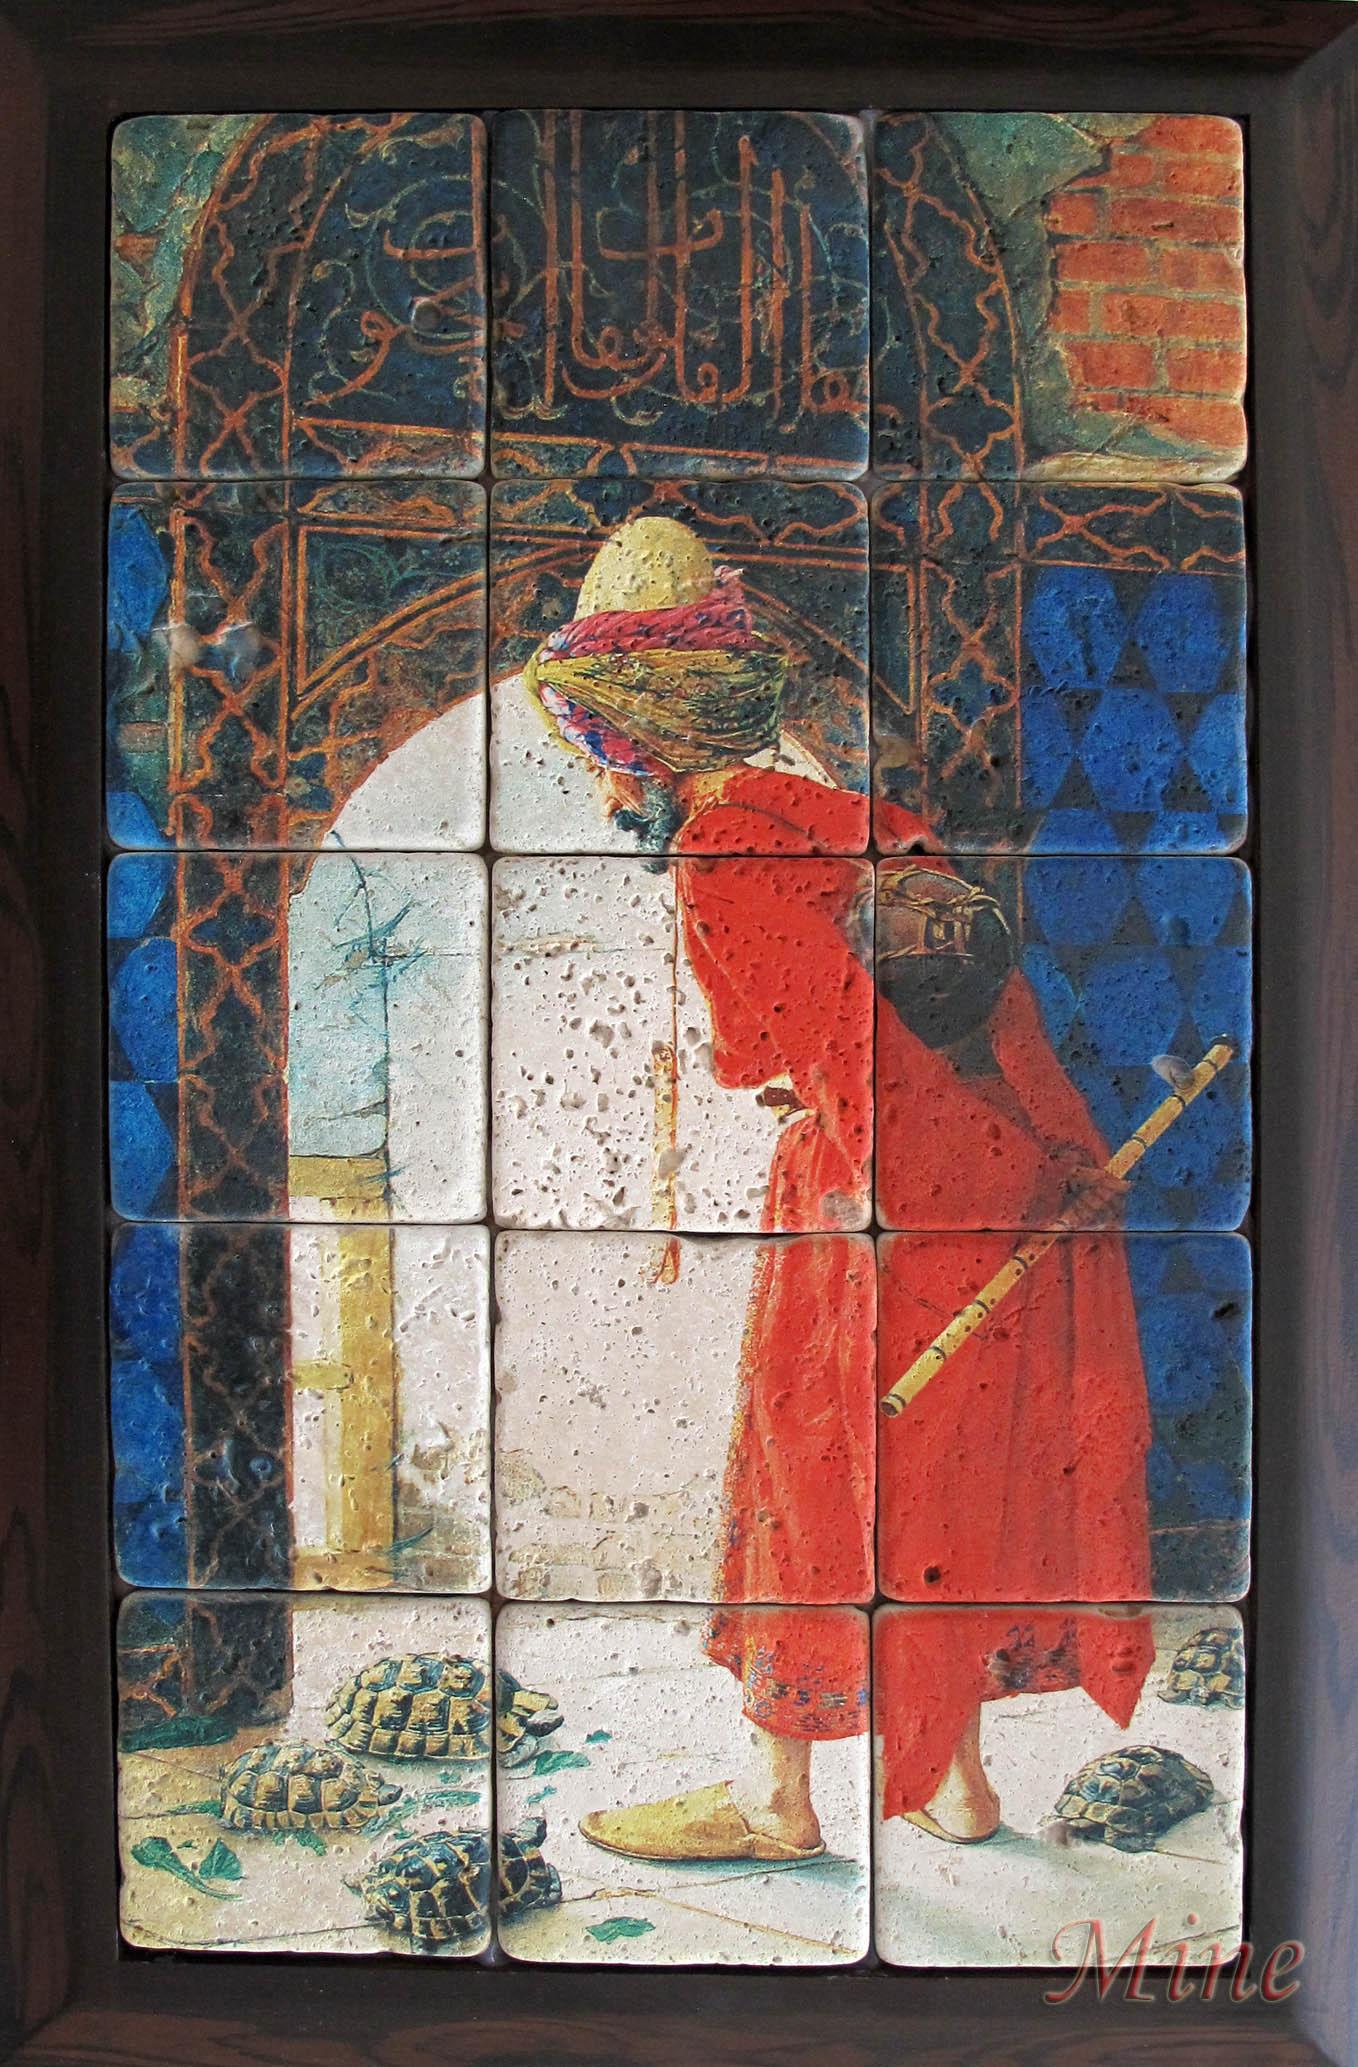 Pano ve Tablo olarak istenilen görseller dekoratif amaçlı doğal taş karolar